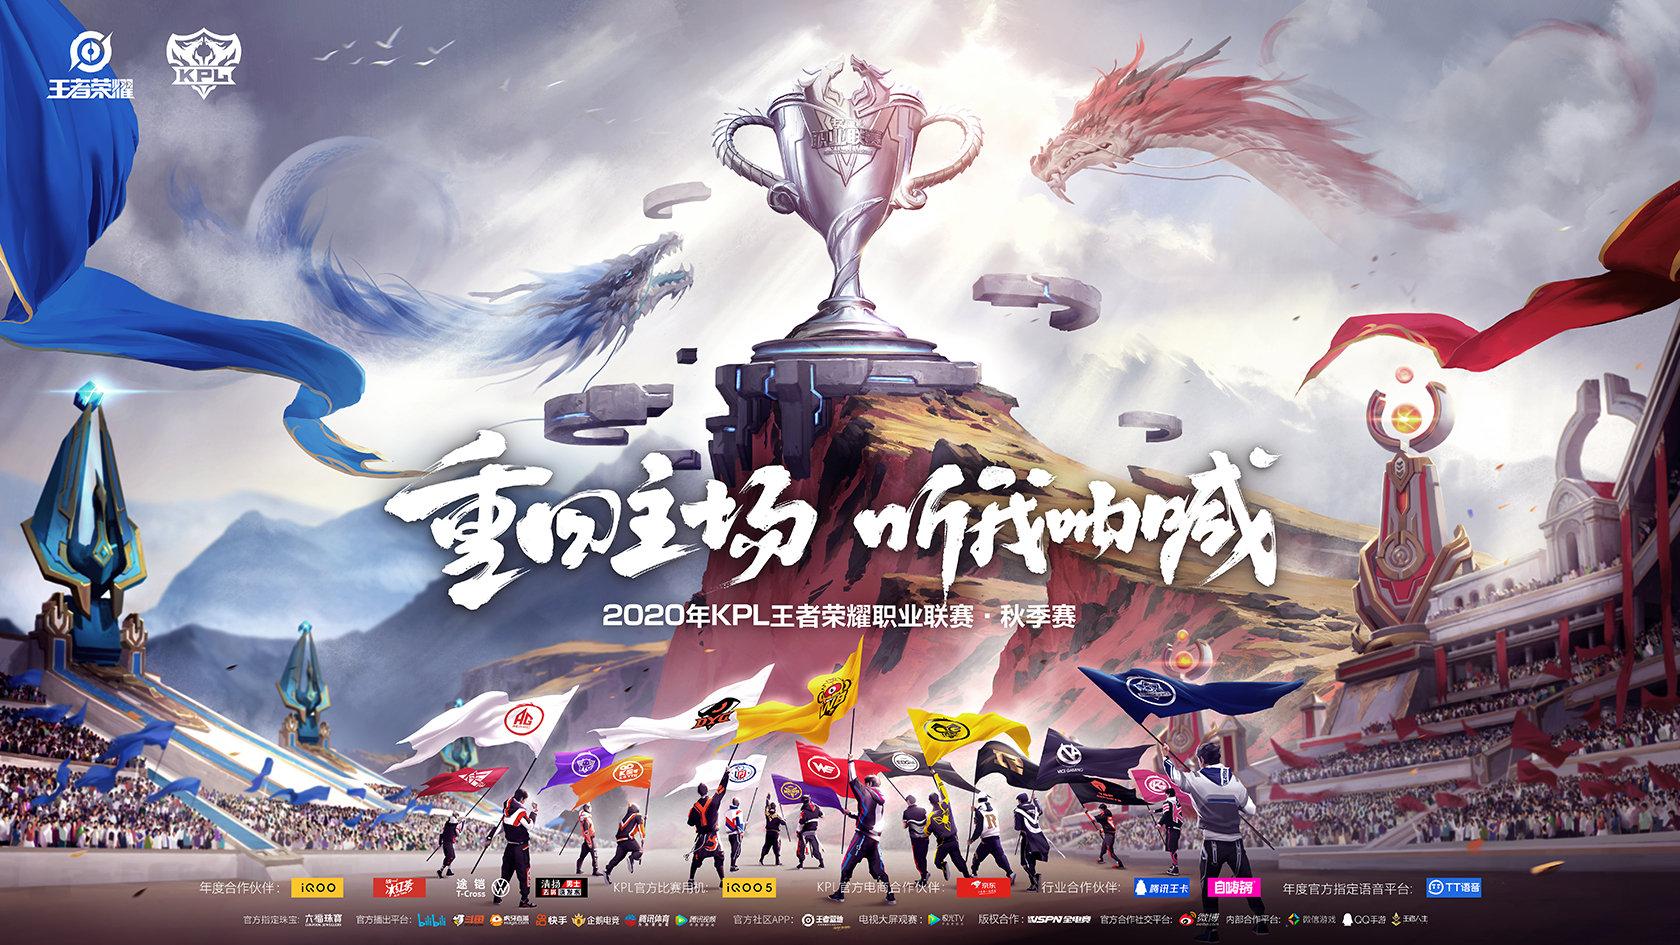 2020kpl秋季赛常规赛9月17日LGD大鹅vsDYG第四场比赛视频回放